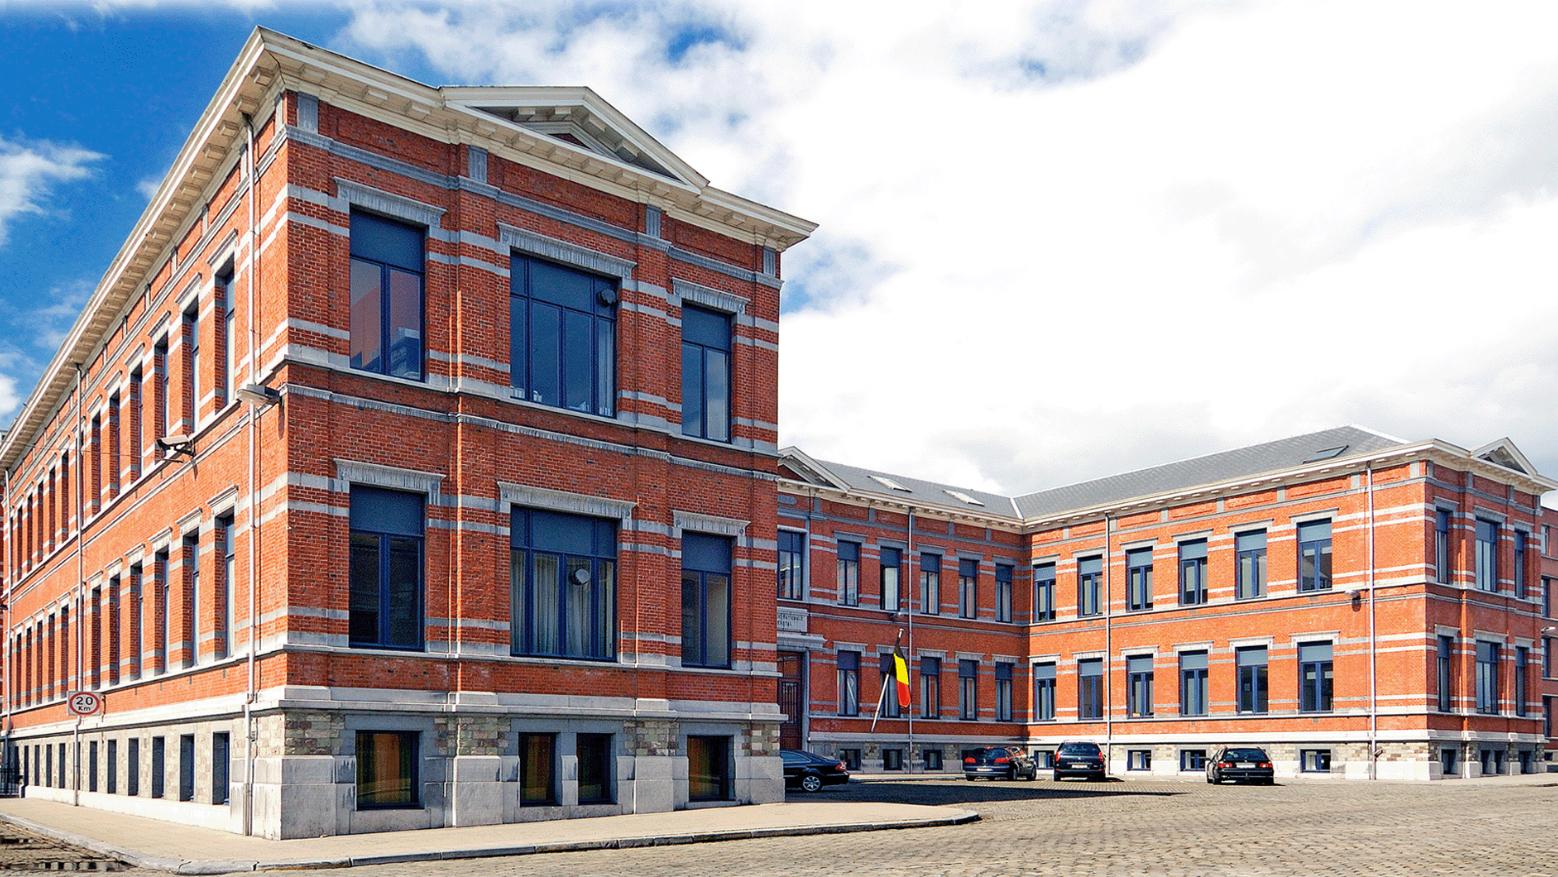 FN HERSTAL Building